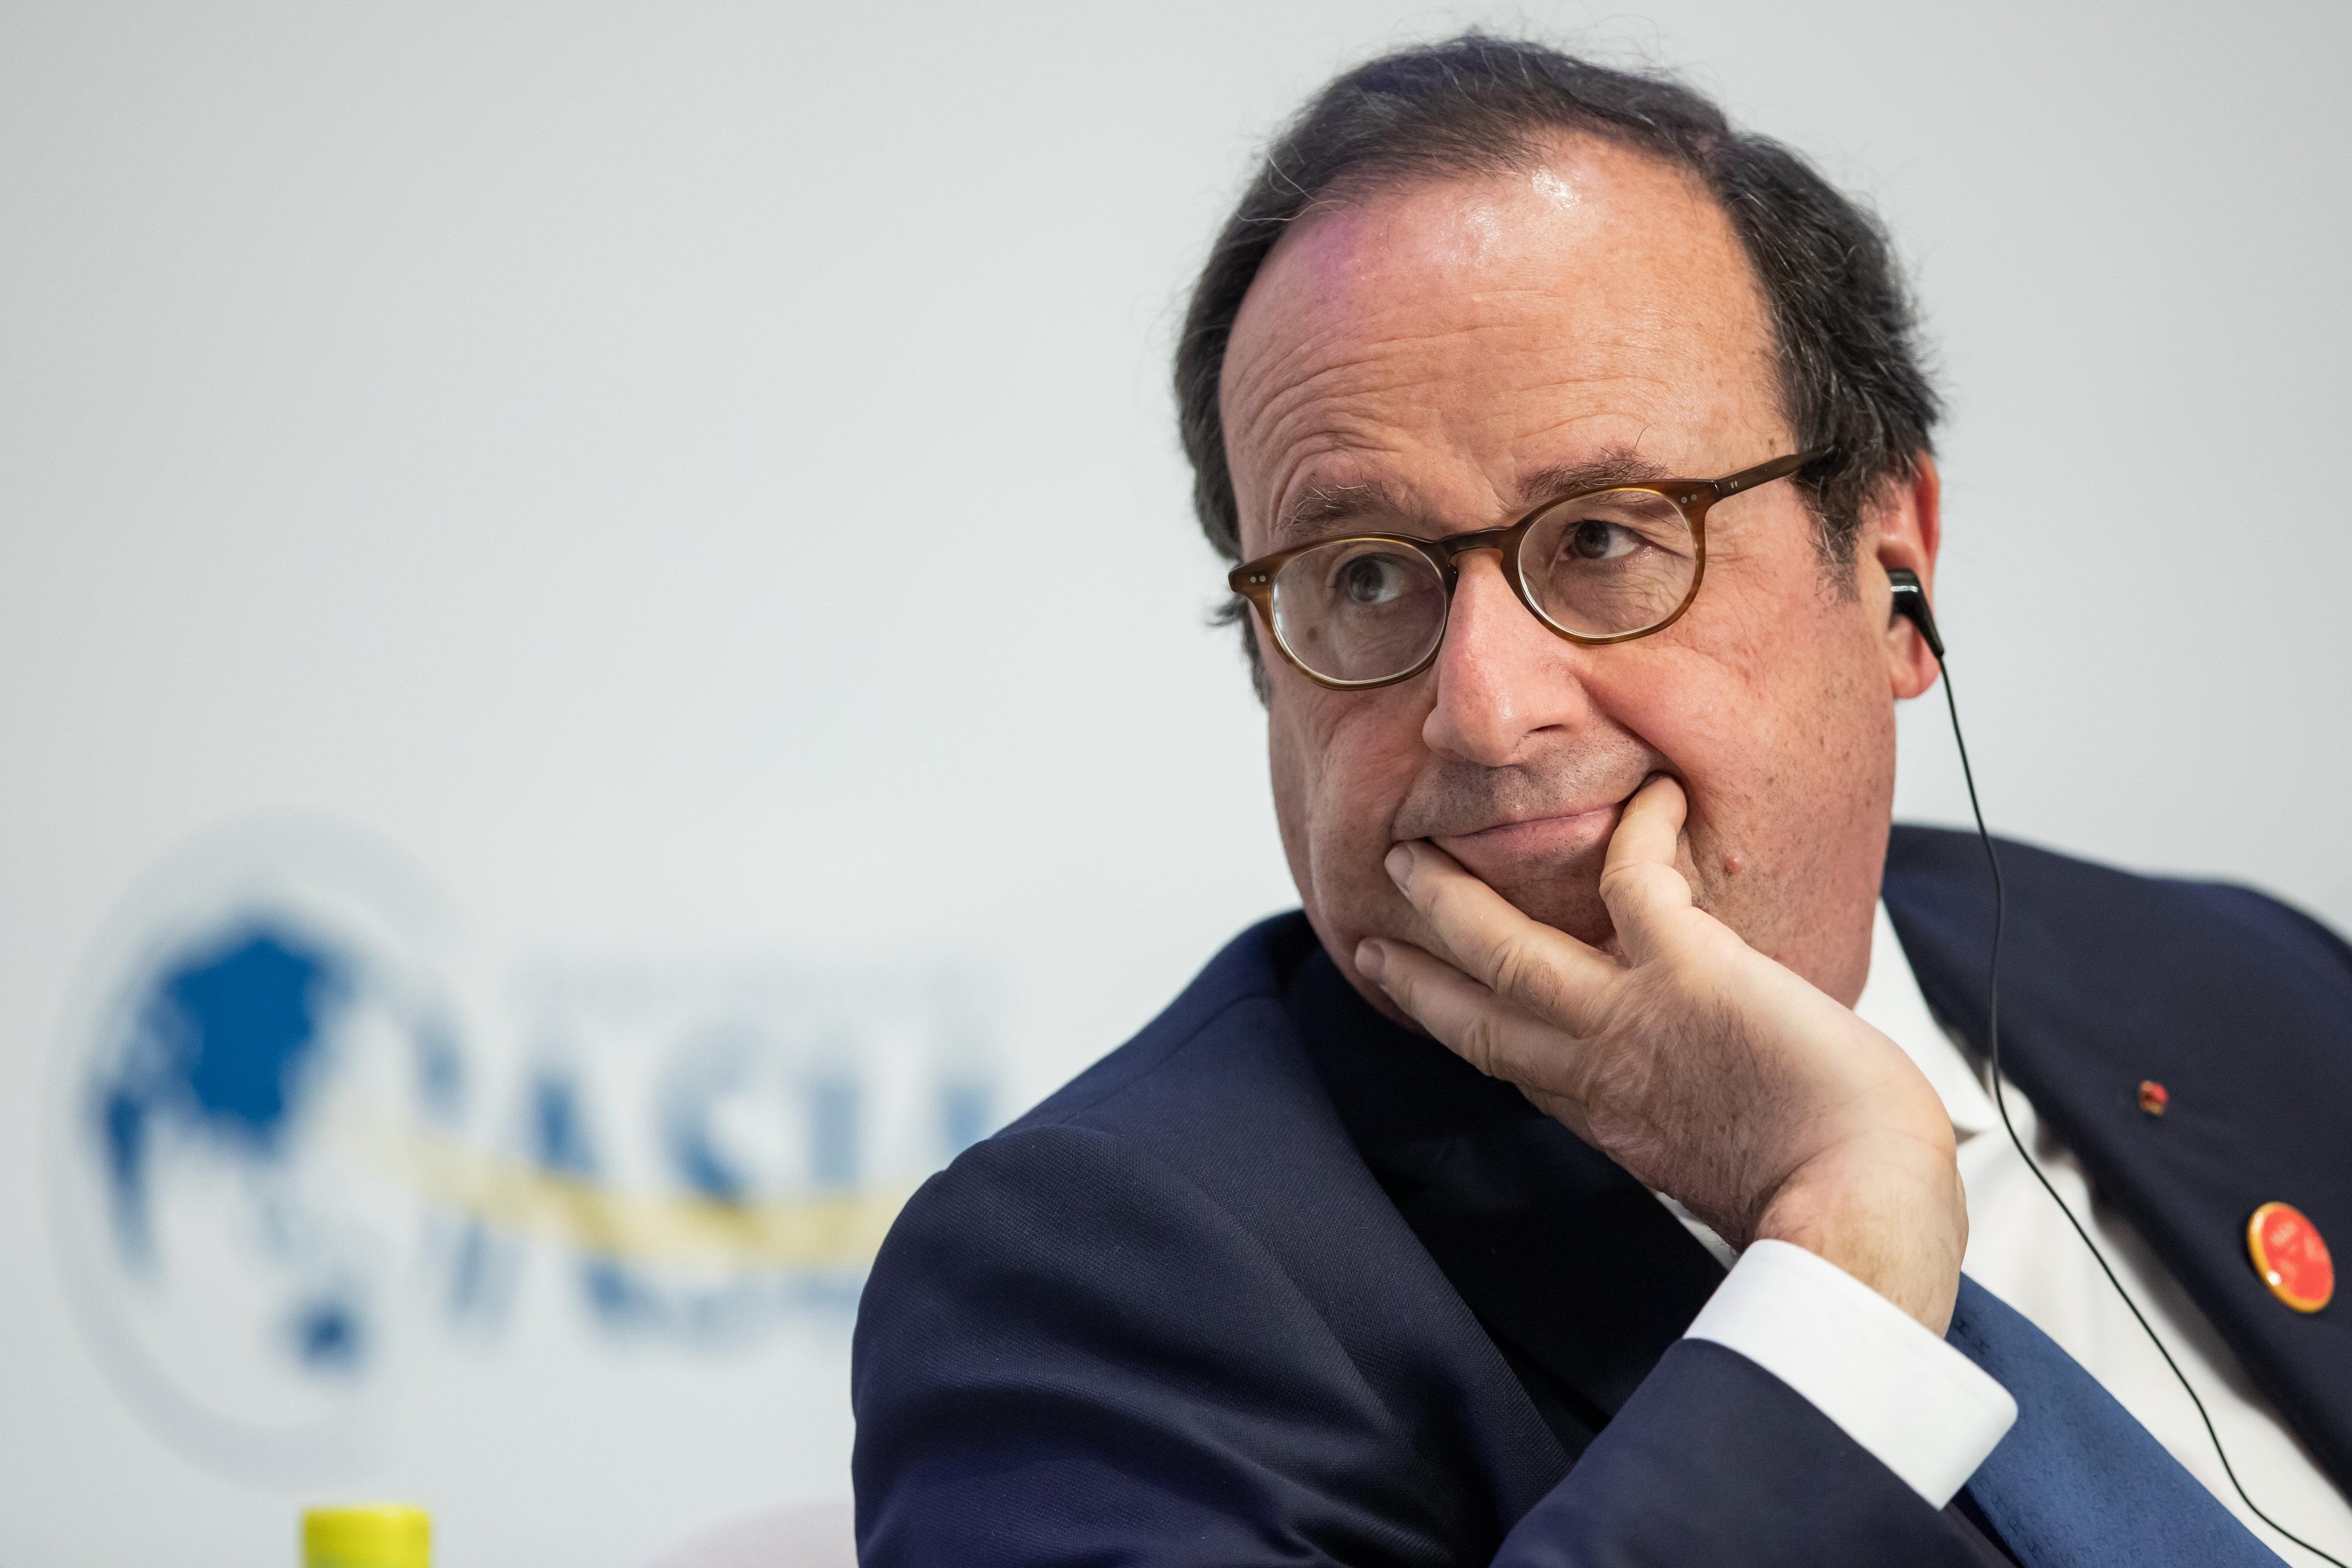 Pour Hollande, l'arrivée de l'extrême droite au pouvoir n'est qu'une question de